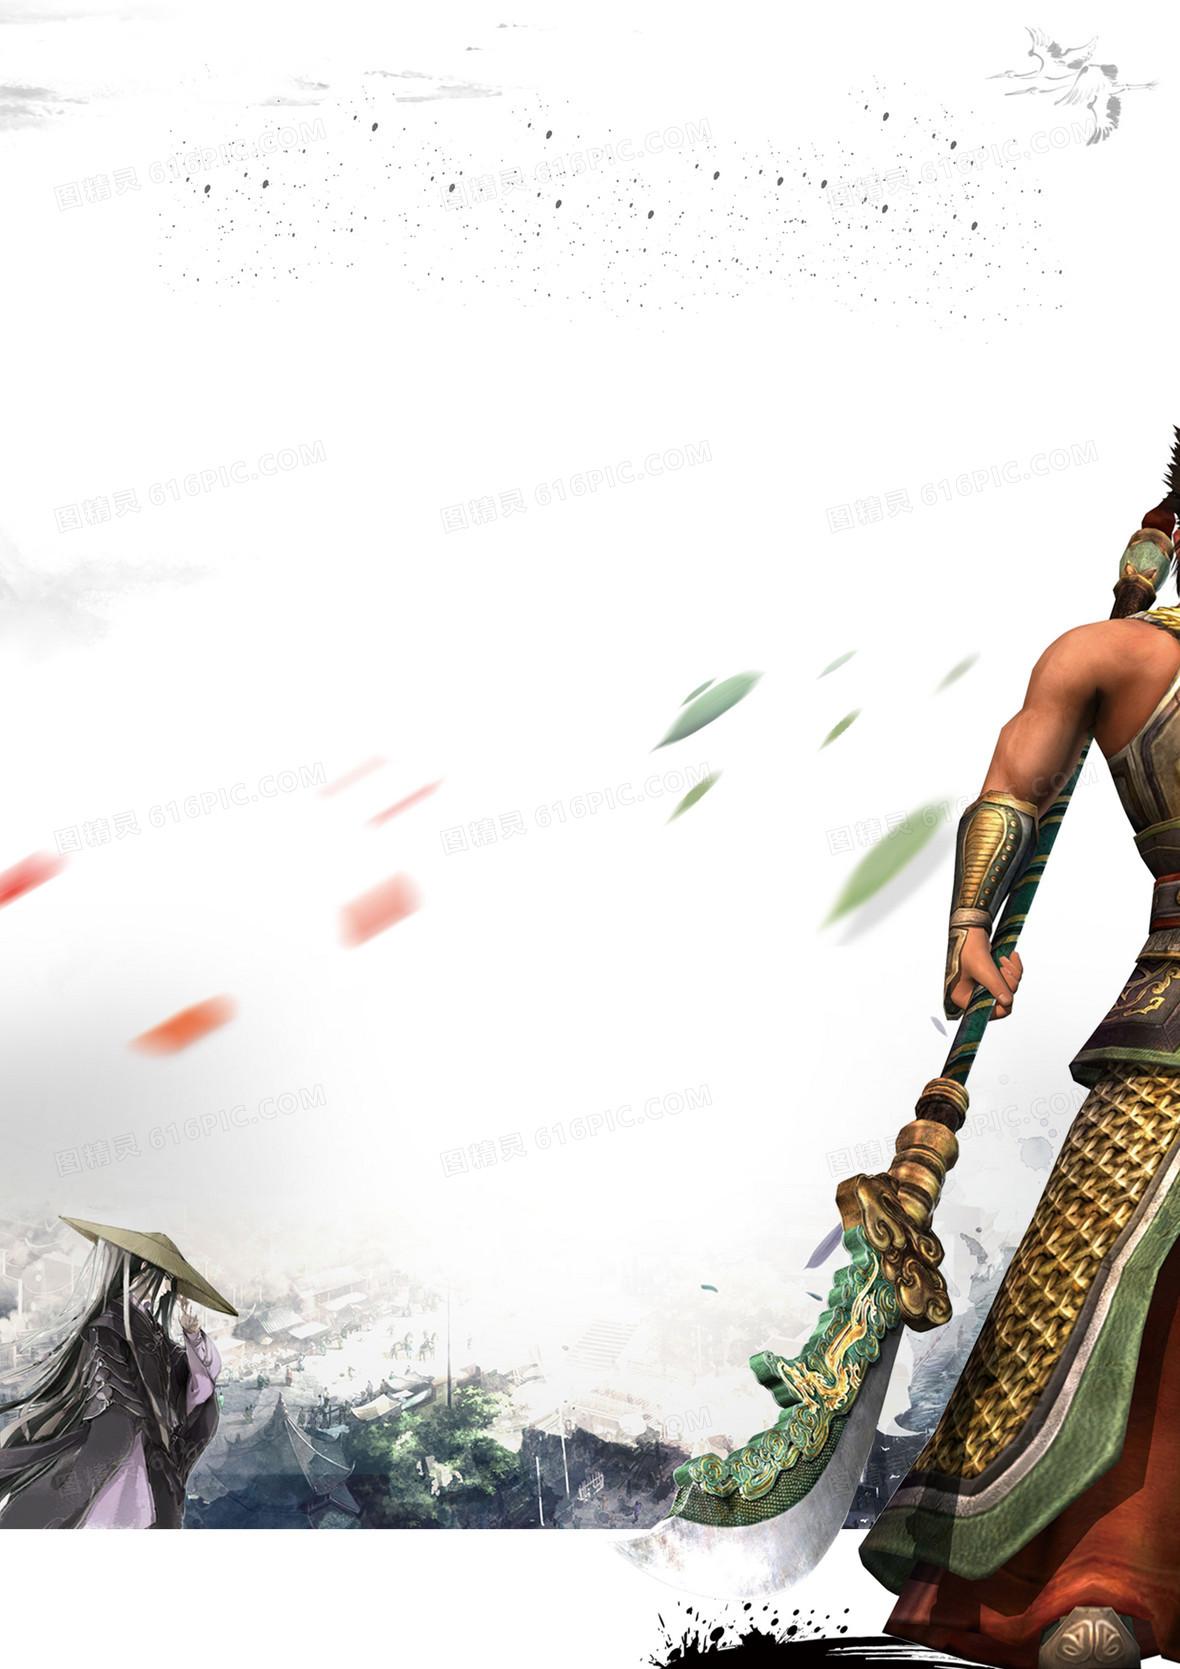 游戏类海报背景素材背景图片下载_2000x2829像素jpg